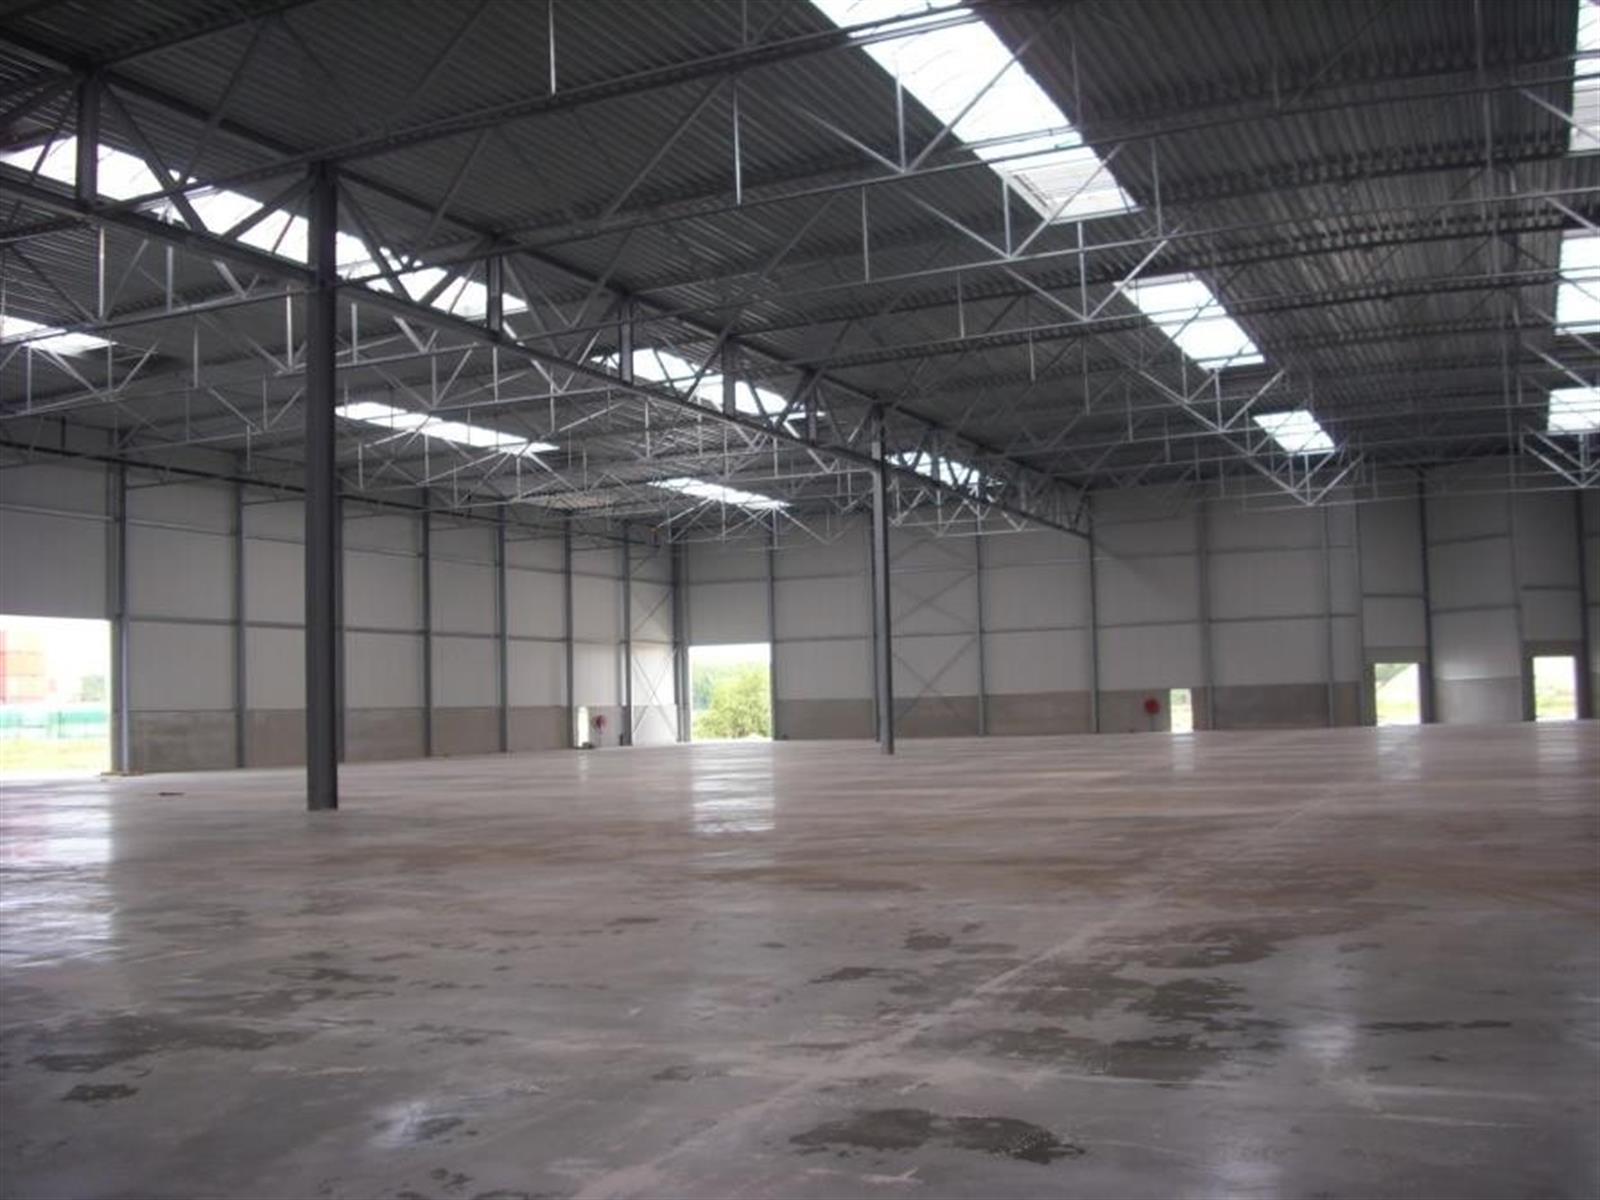 opslagplaats te huur UNIT 8B - Industrieweg 34, 2280 Grobbendonk, België 12